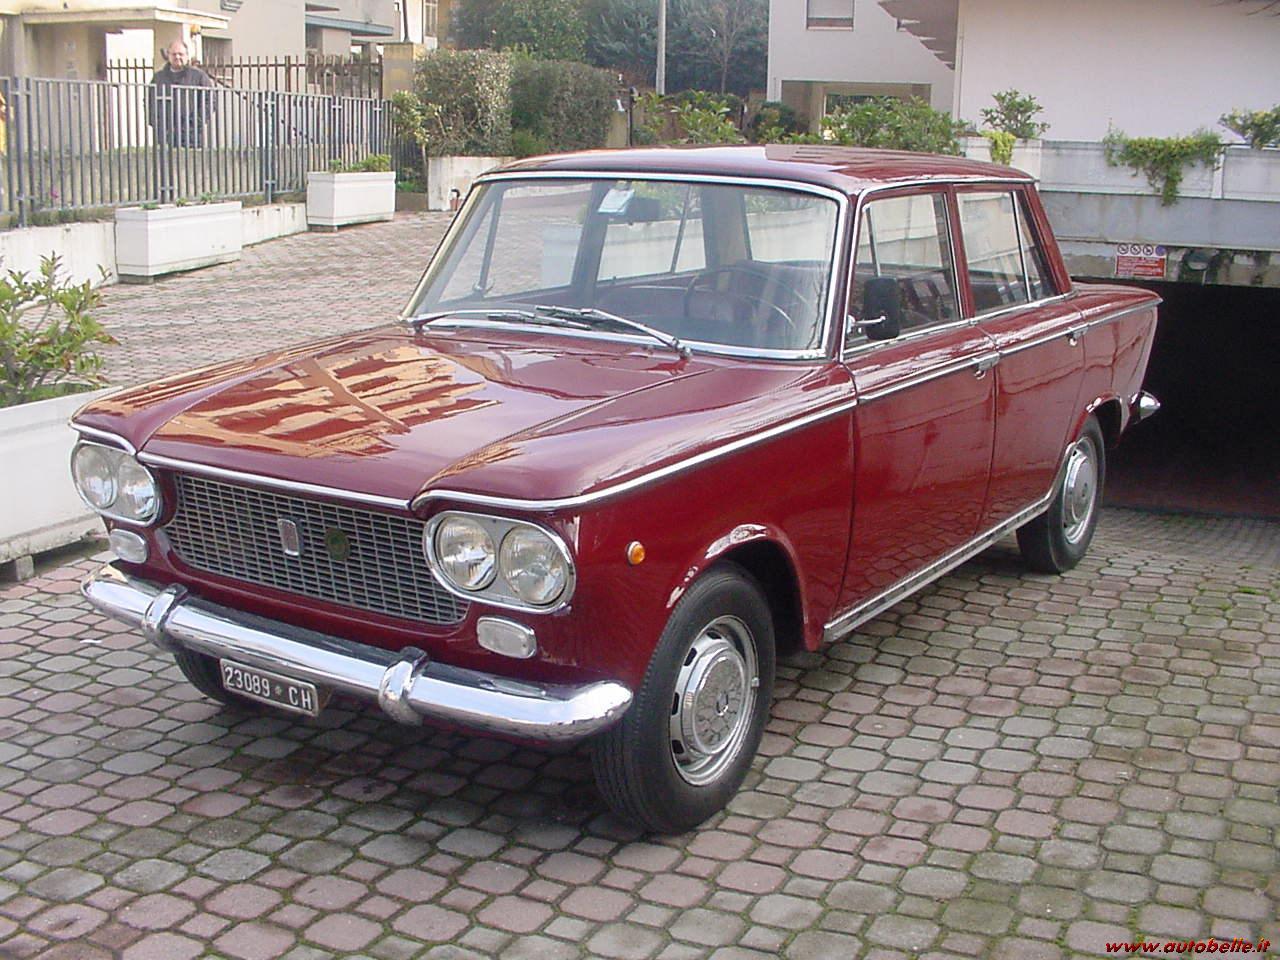 Vendo FIAT 1300 1962 on